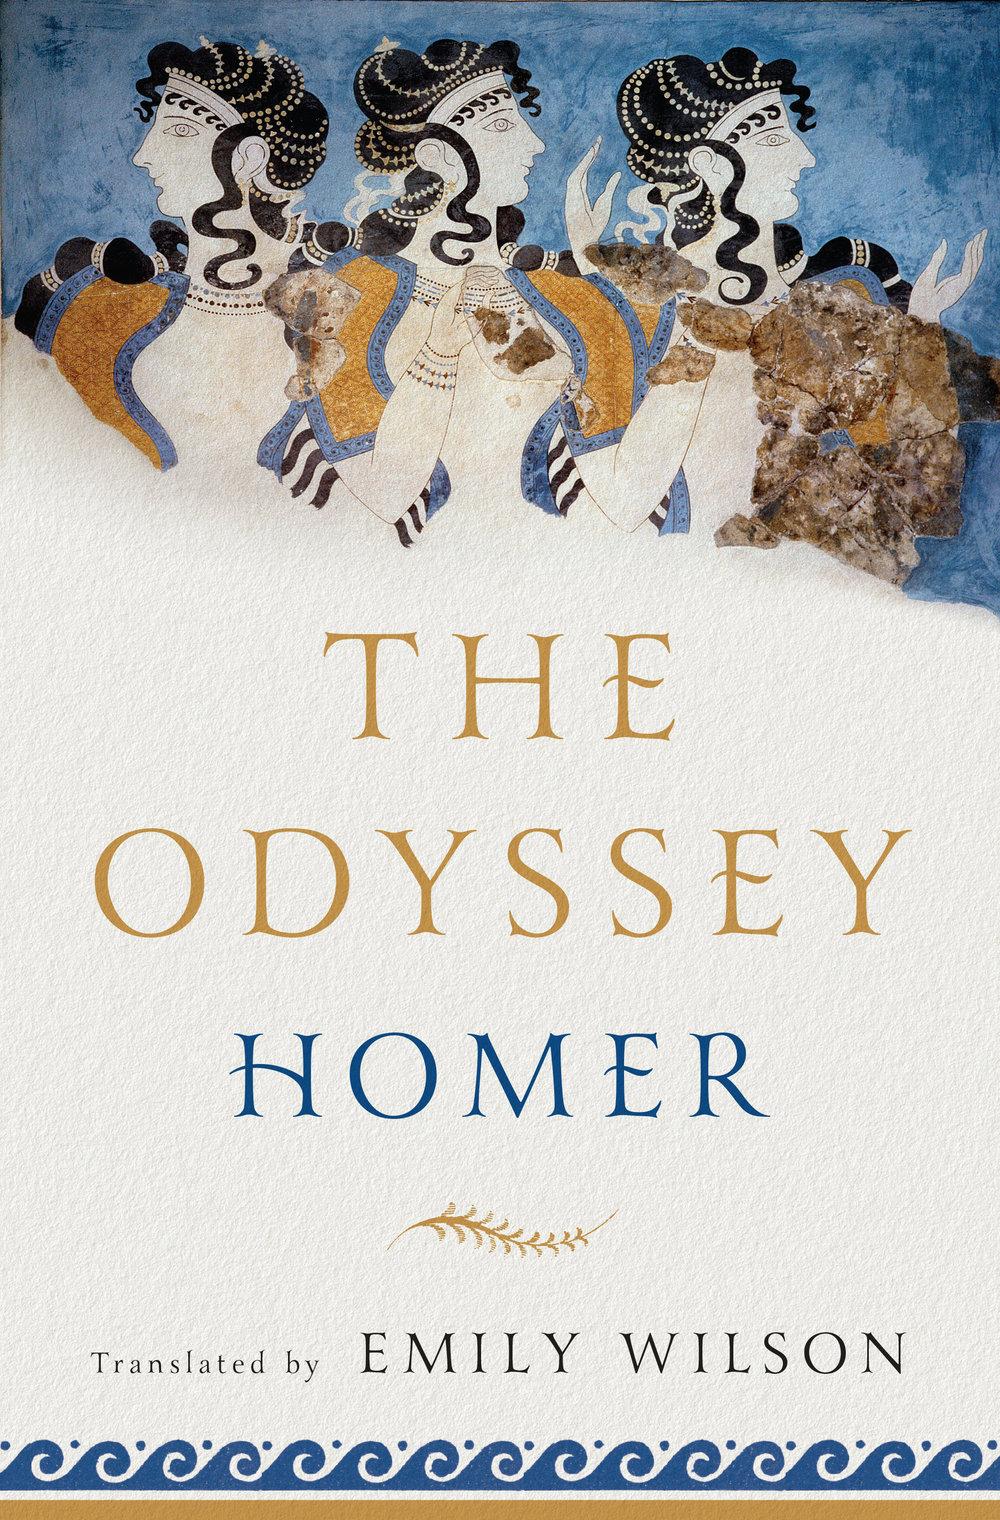 Odyssey_978-0-393-08905-9.jpg